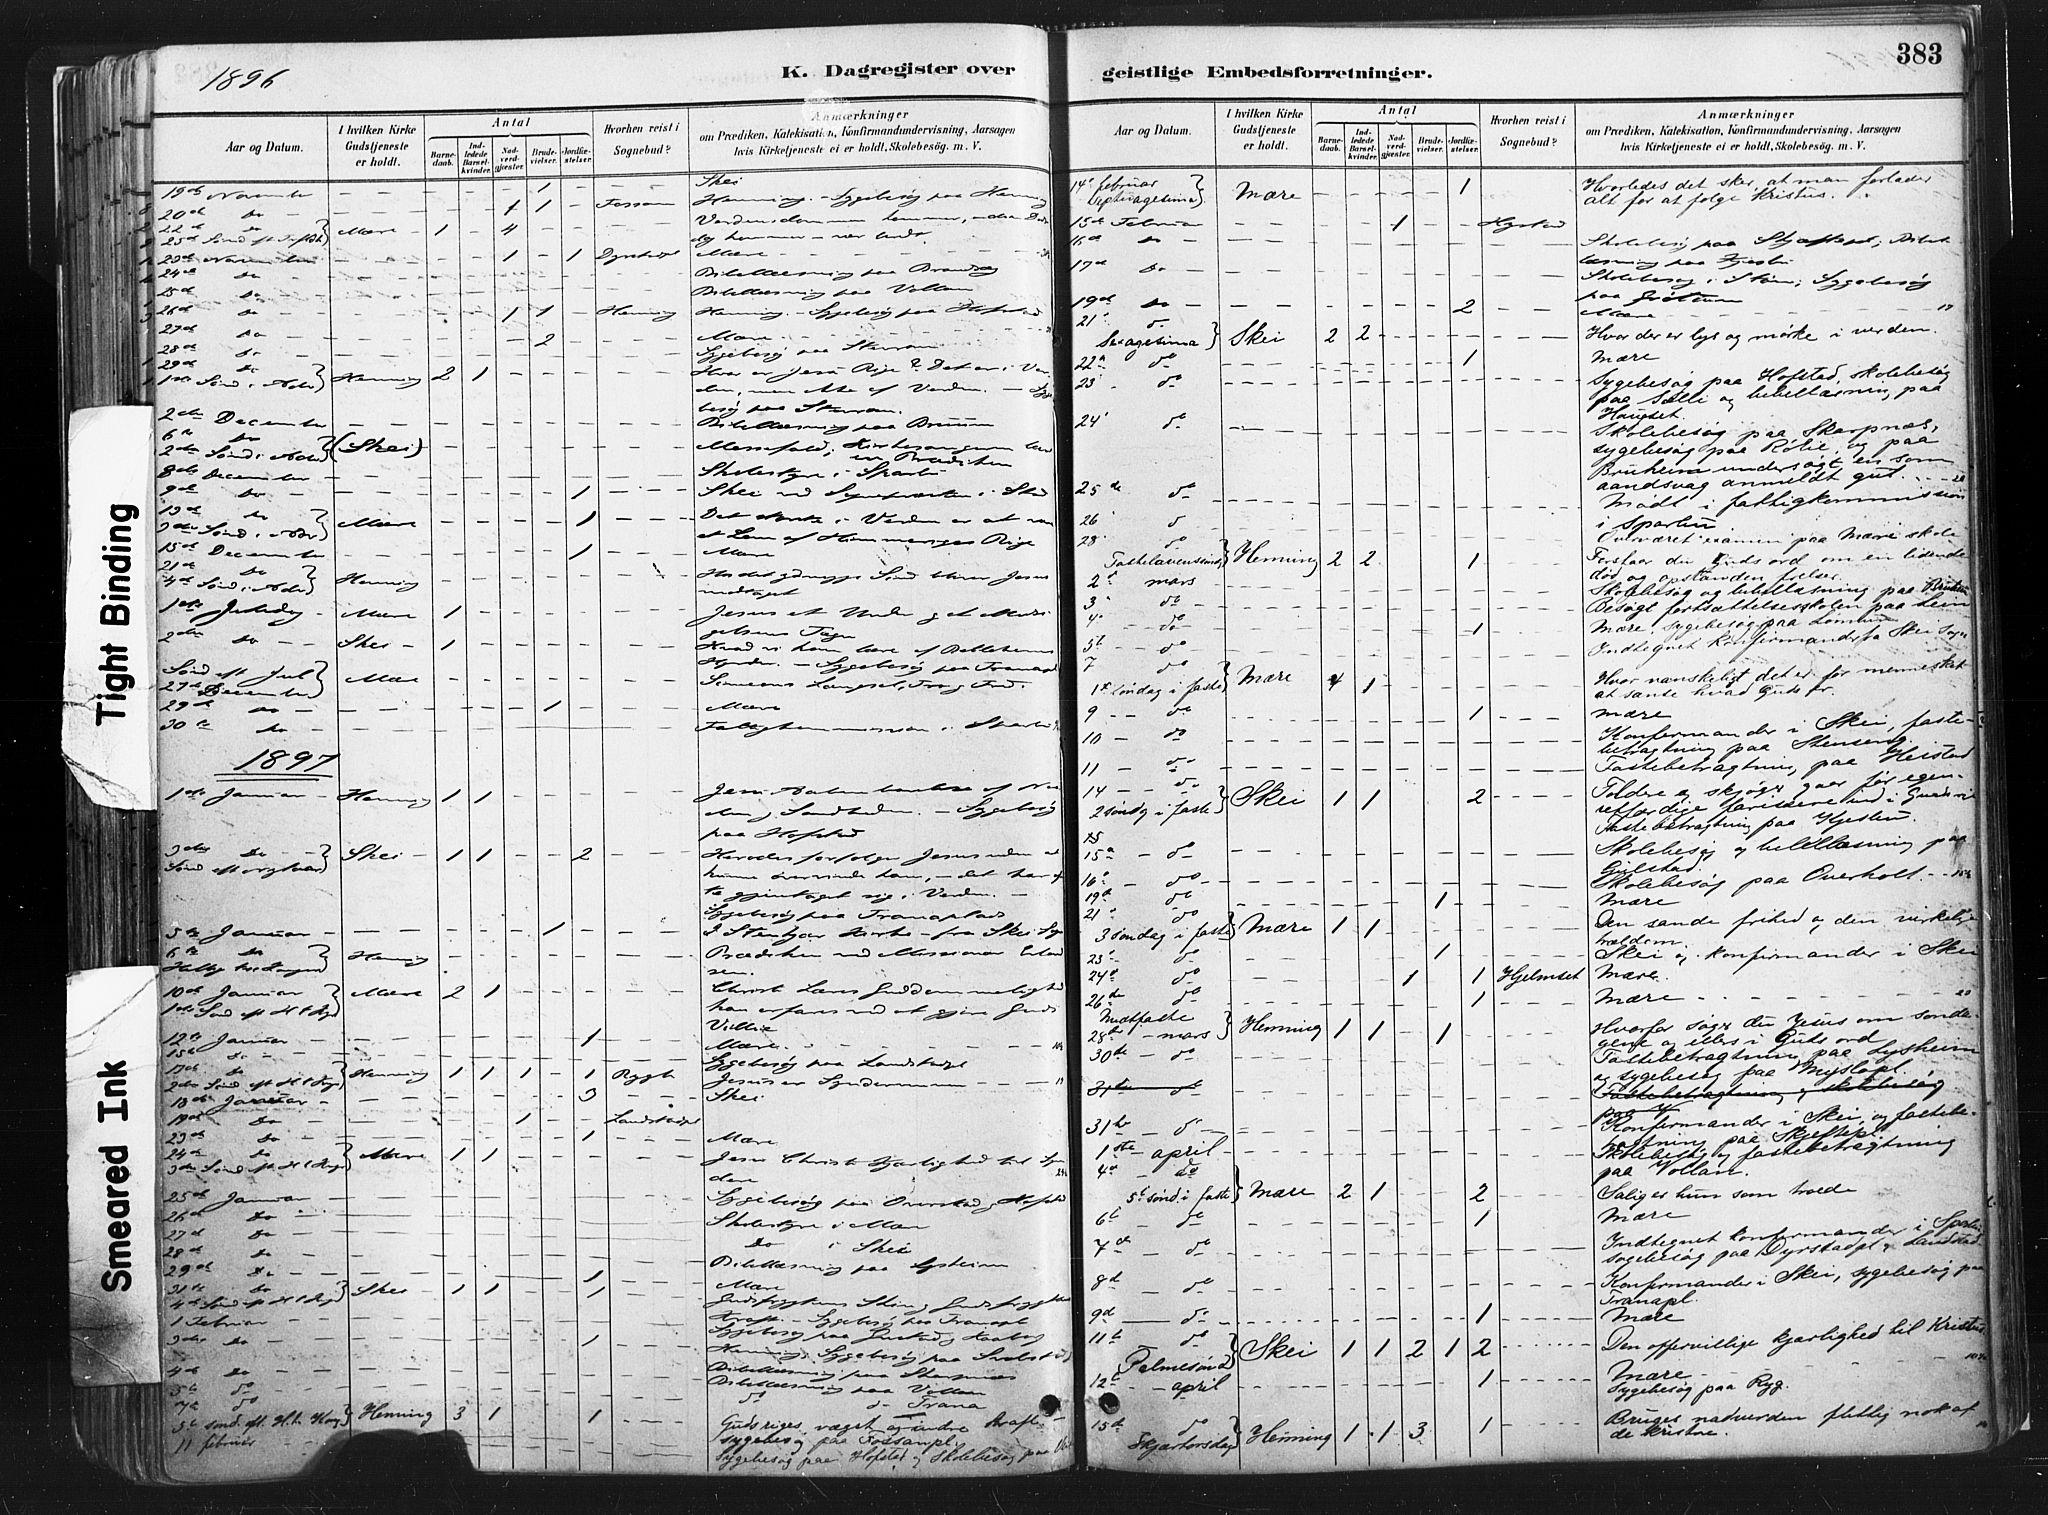 SAT, Ministerialprotokoller, klokkerbøker og fødselsregistre - Nord-Trøndelag, 735/L0351: Ministerialbok nr. 735A10, 1884-1908, s. 383